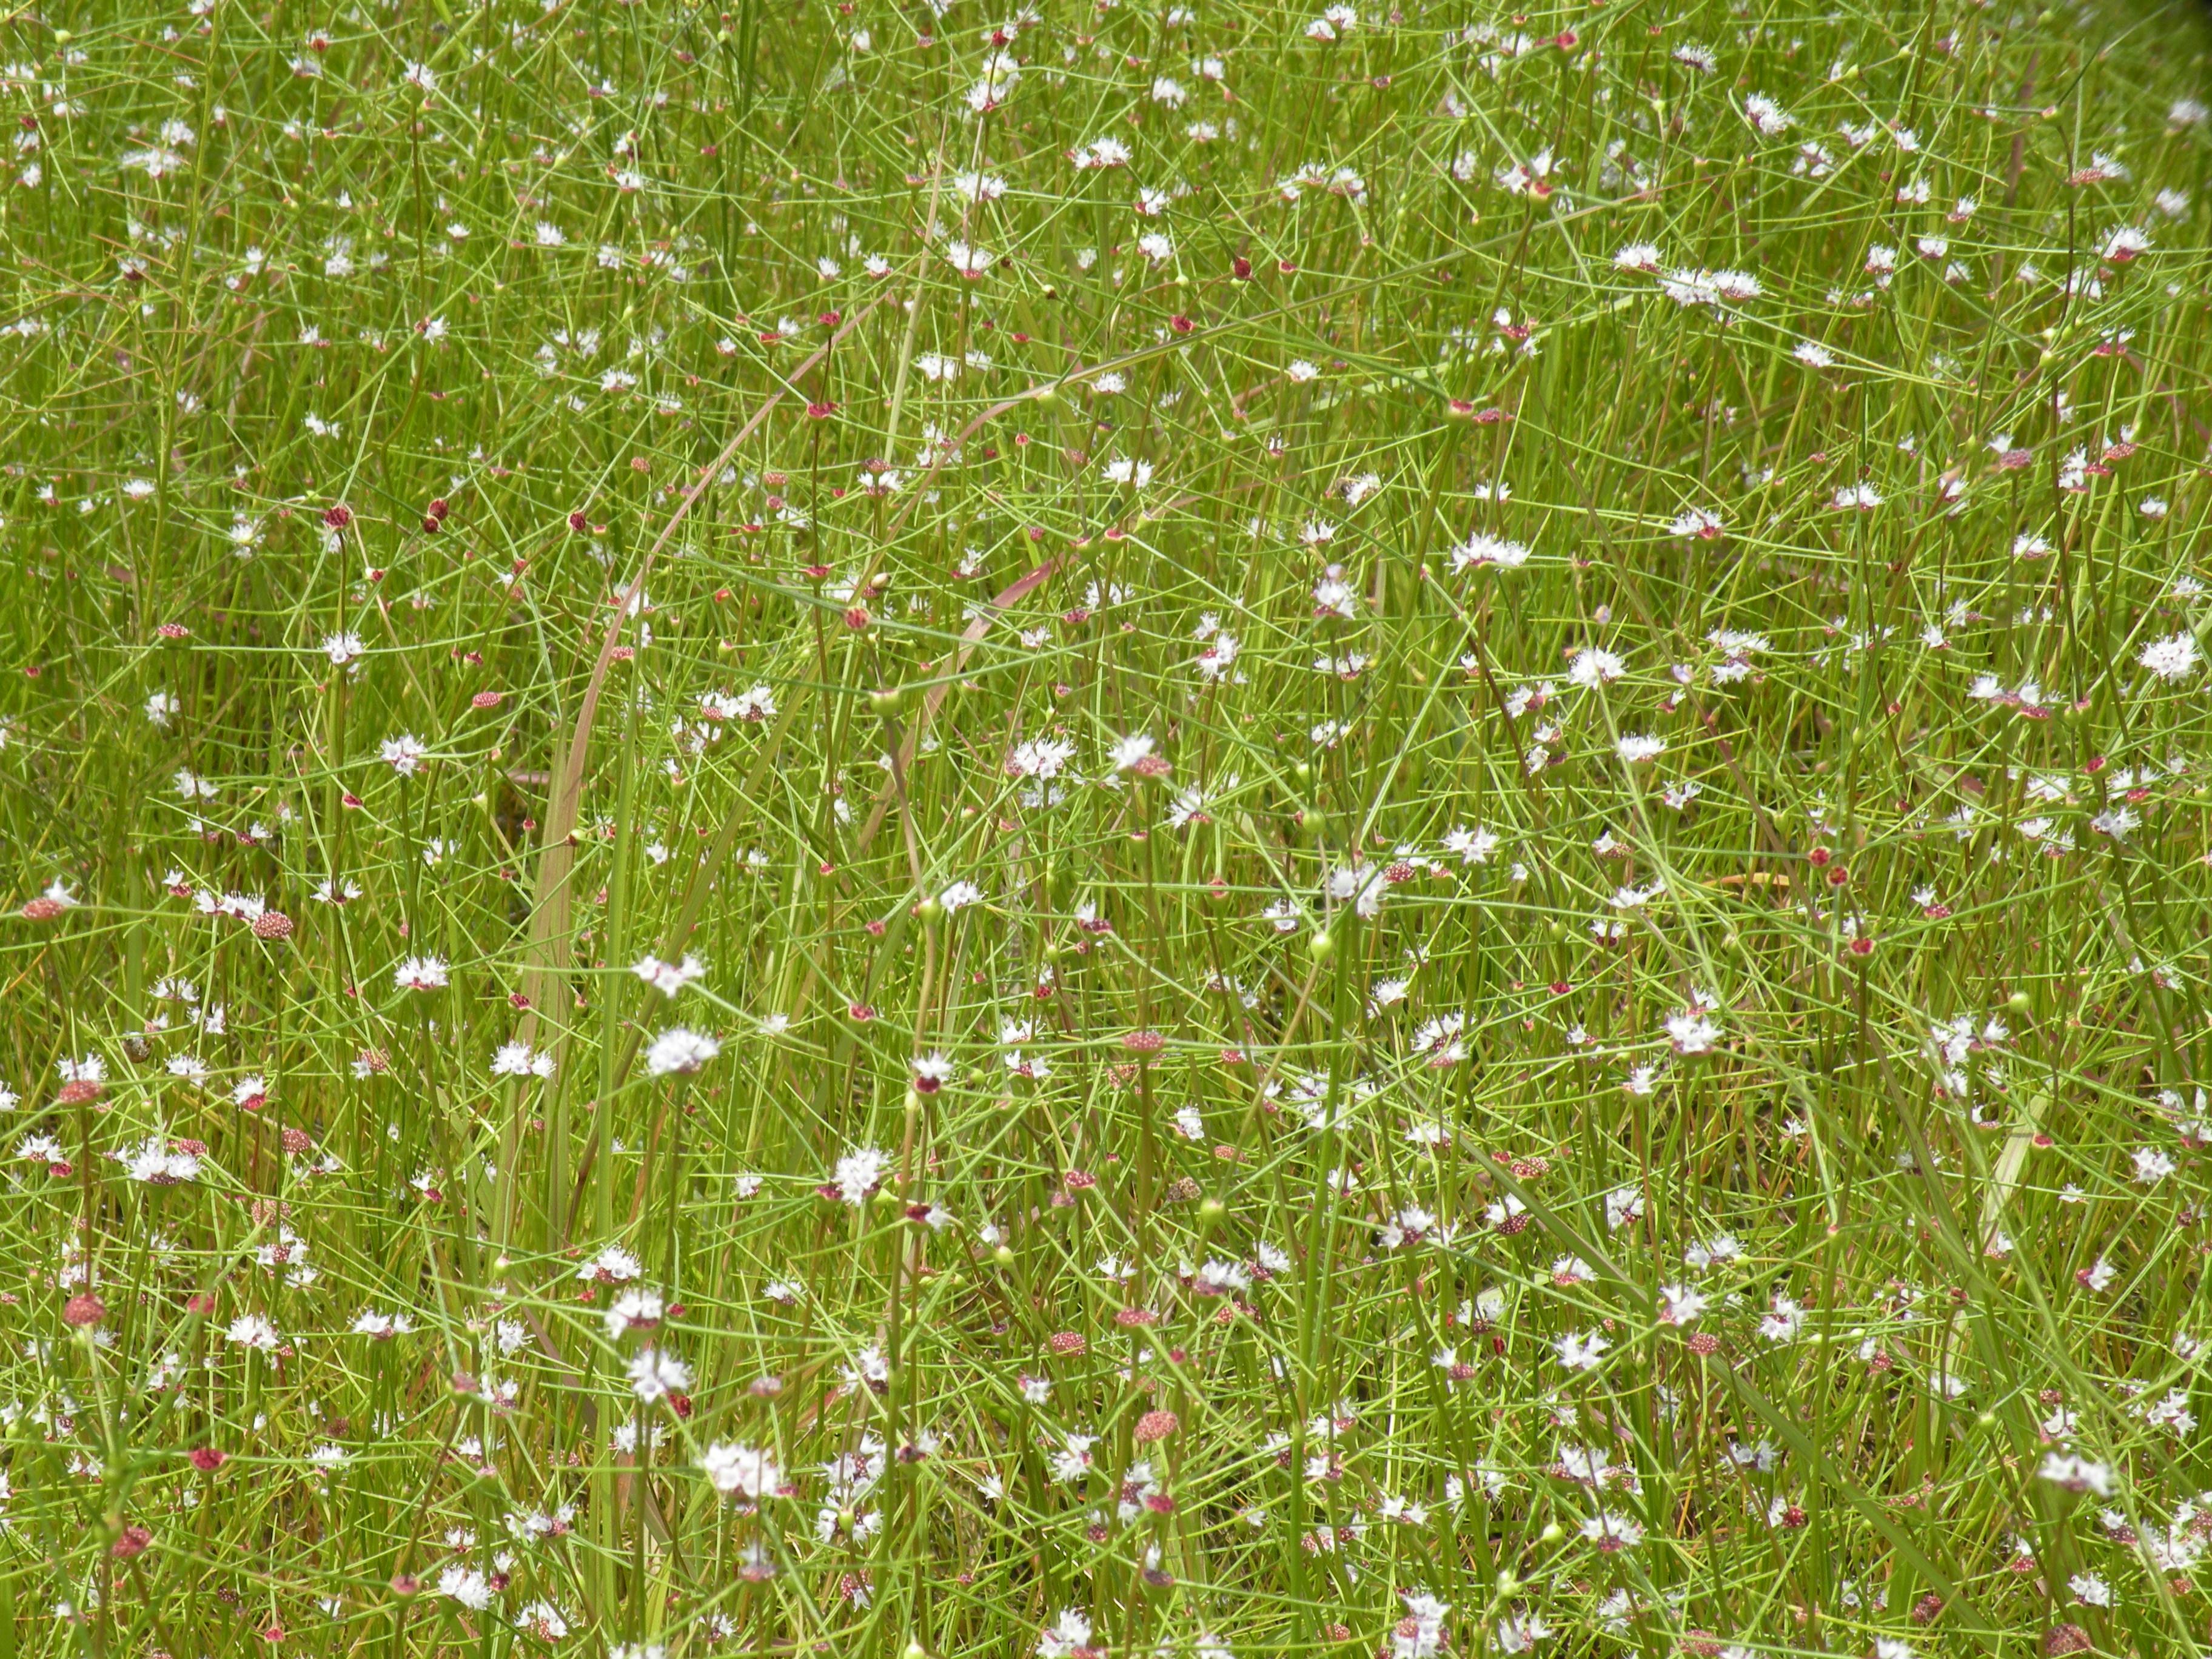 Population flowering in swamp